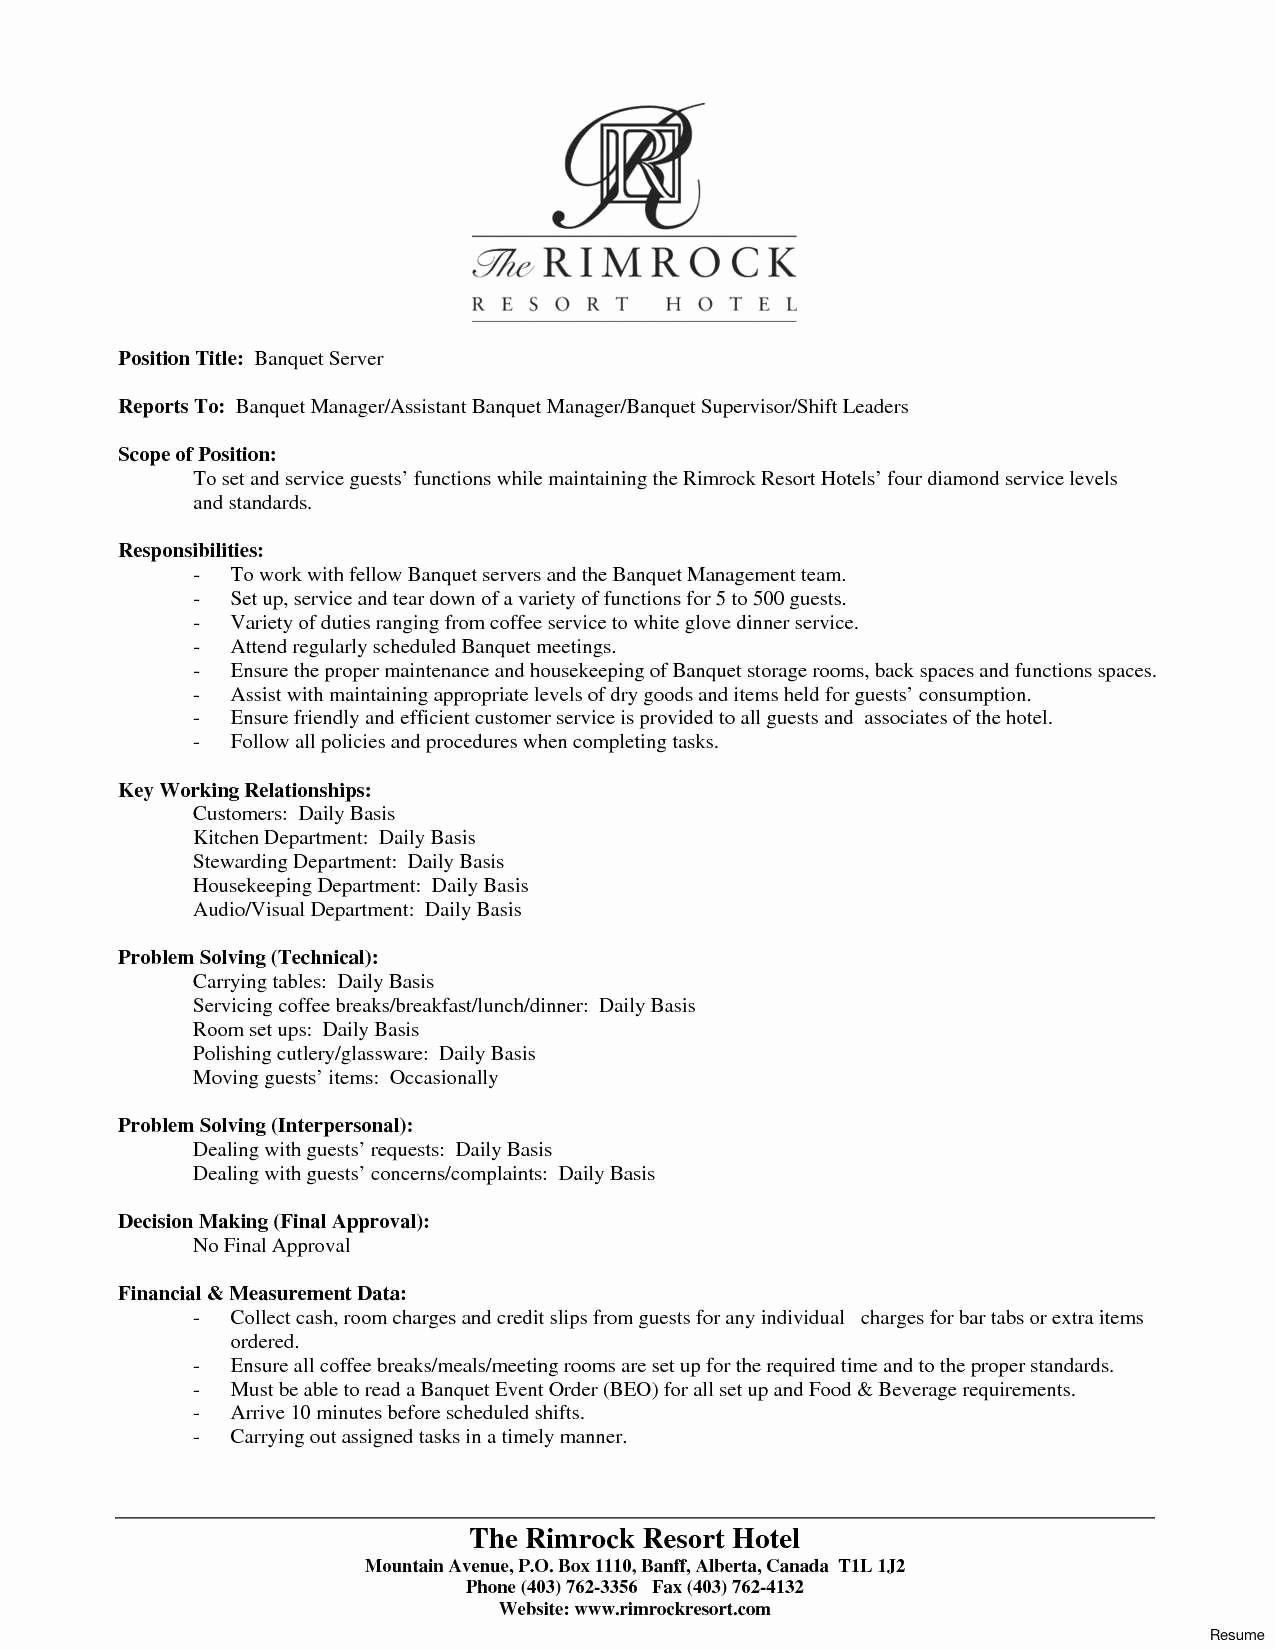 54 New Image Of Sample Resume For Restaurant Crew